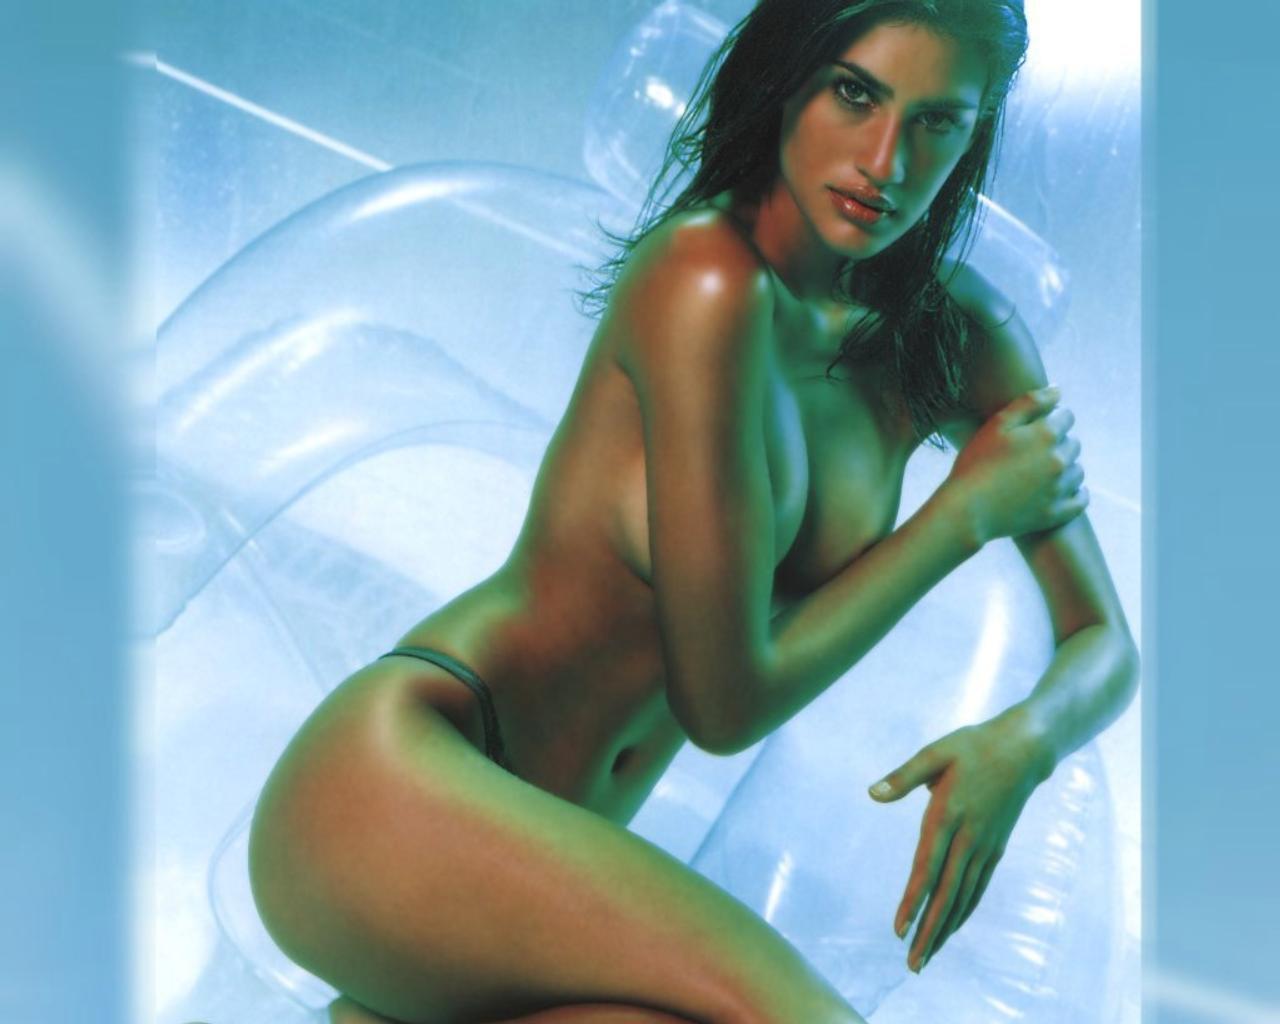 Картинки голи баби @ bigobe.com